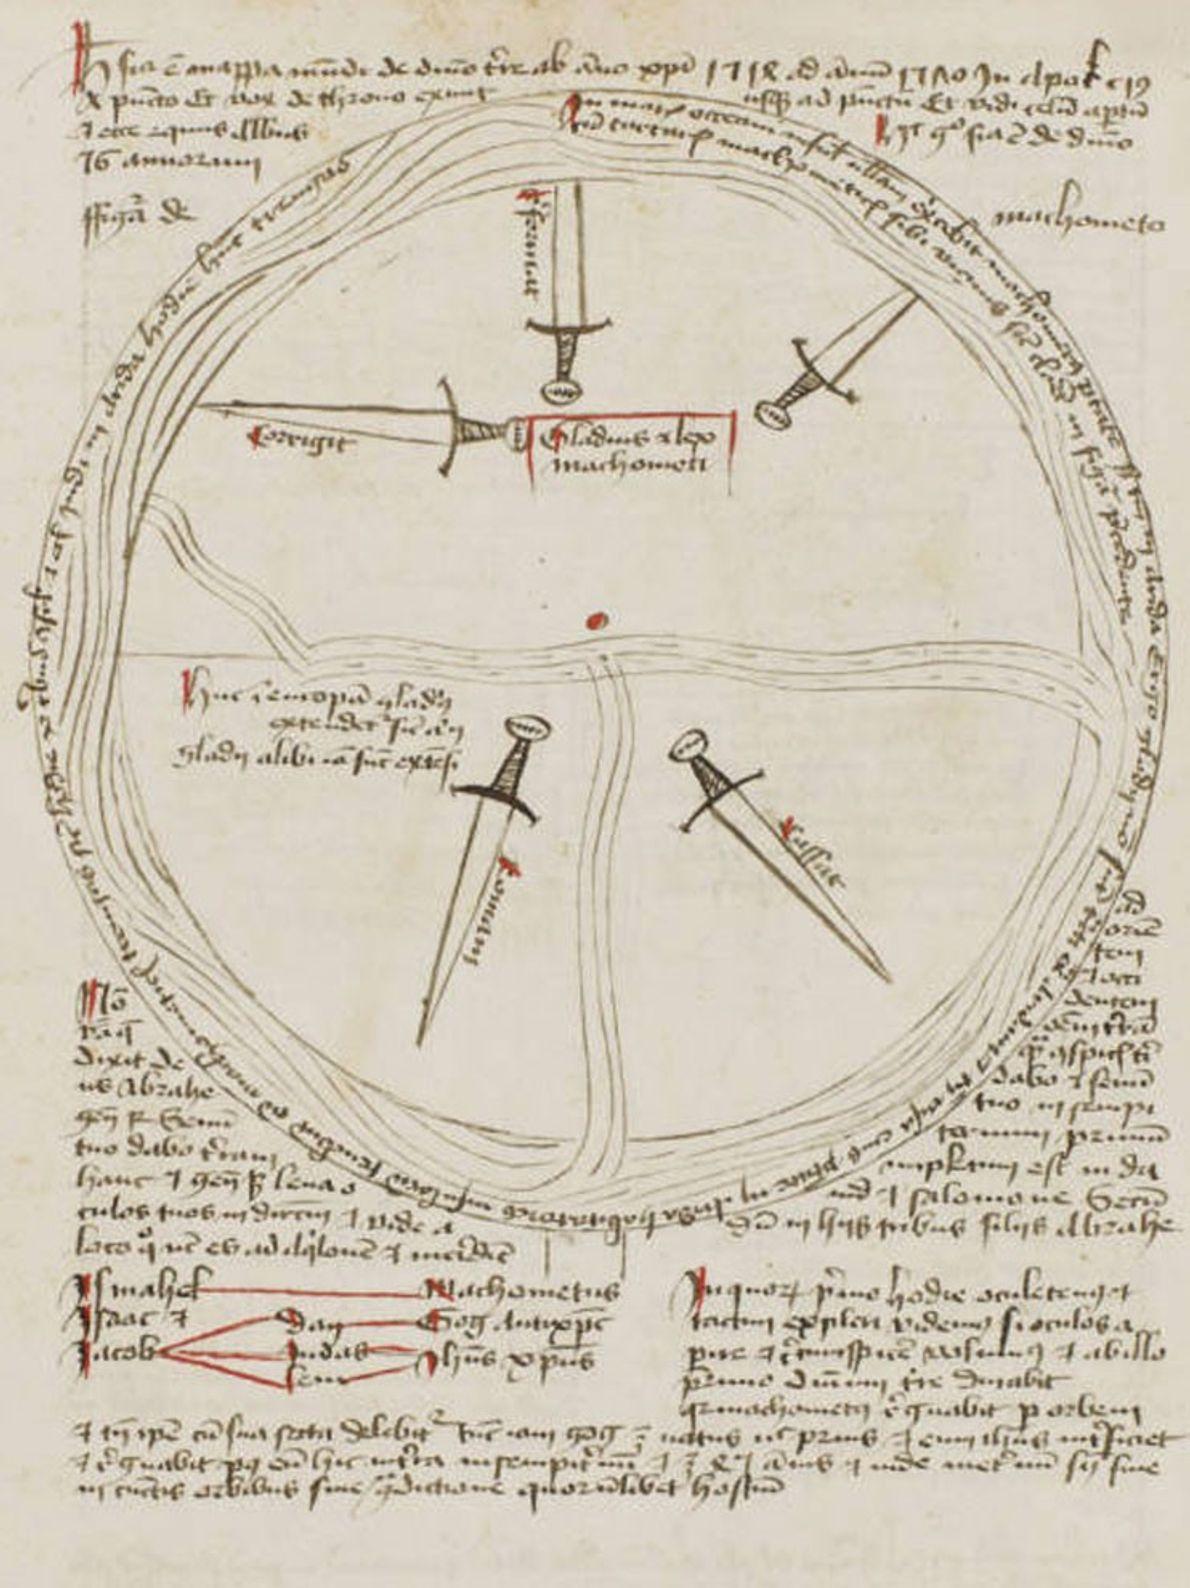 Entre 1514 et 1570, selon cette carte, l'épée de l'Islam va abattre sur l'Europe et atteindre ...